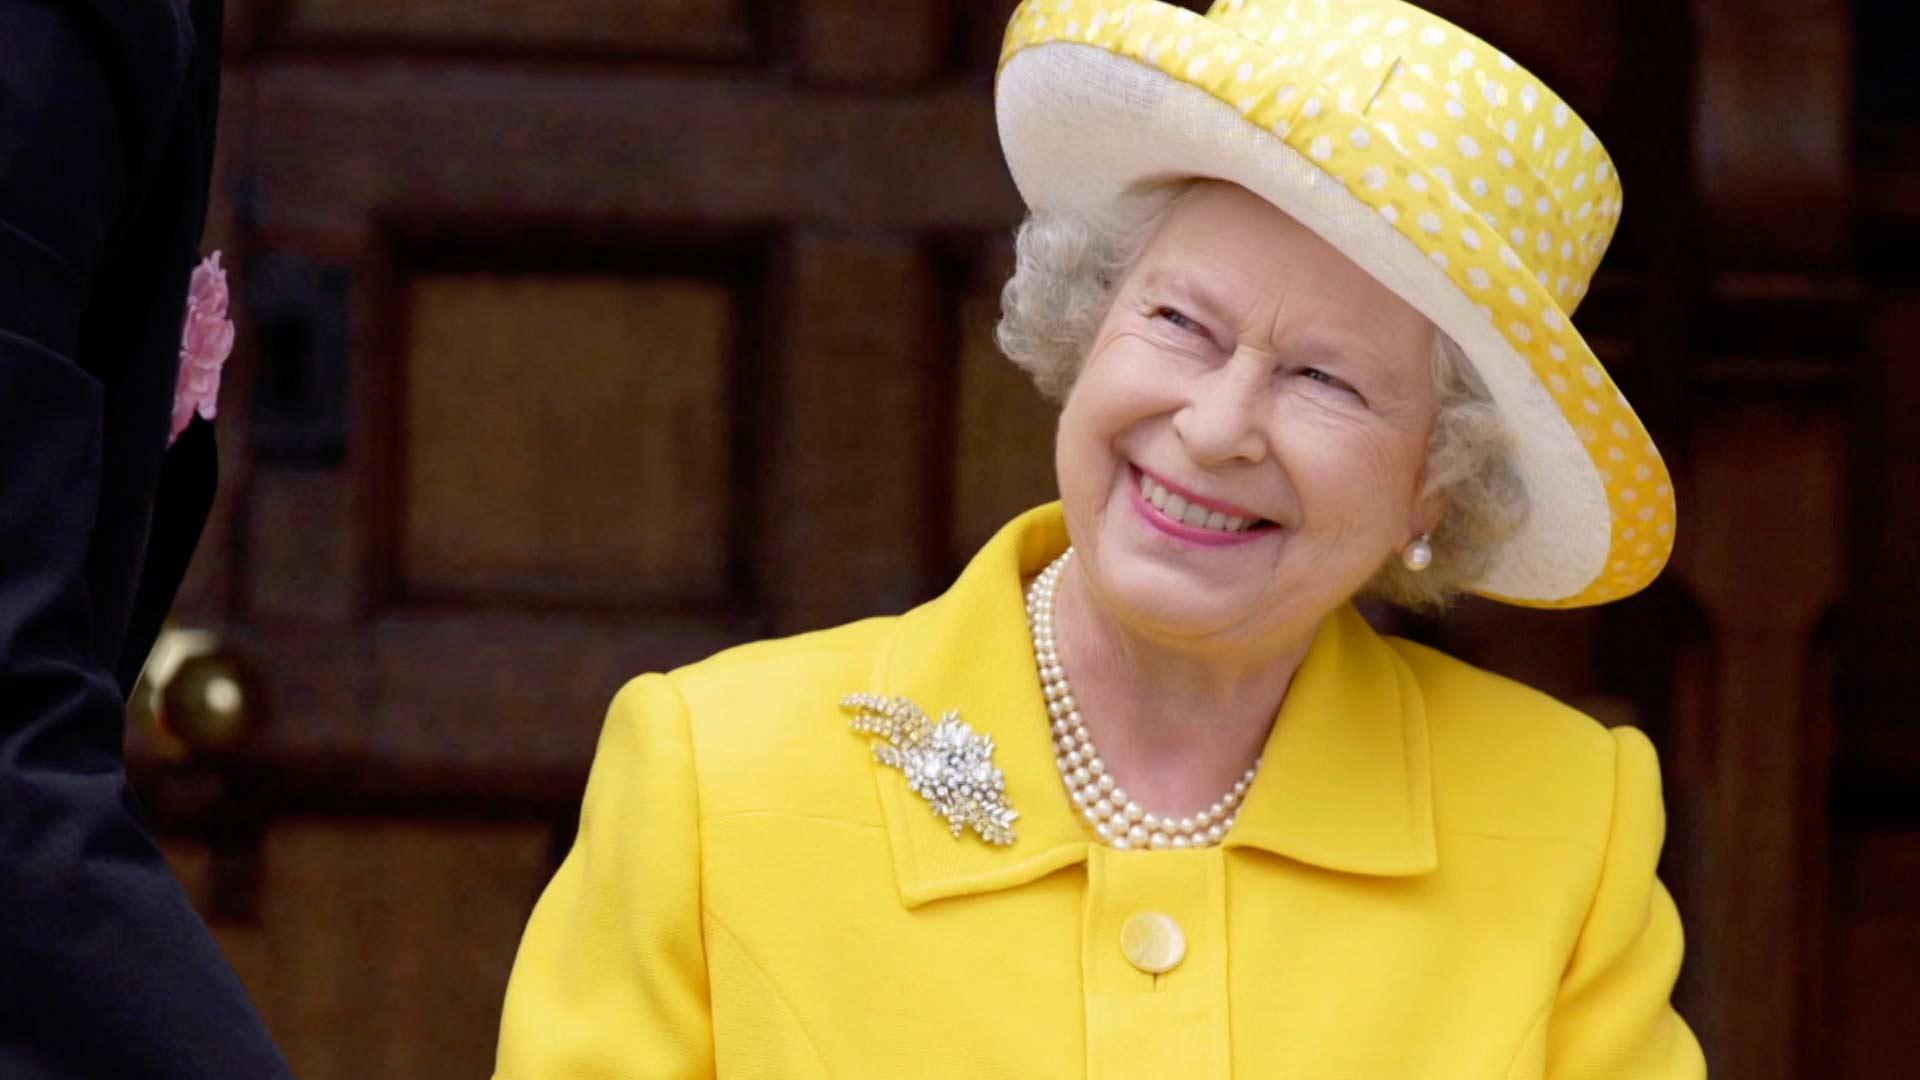 Nữ hoàng Anh Elizabeth II kỷ niệm 65 năm lên ngôi